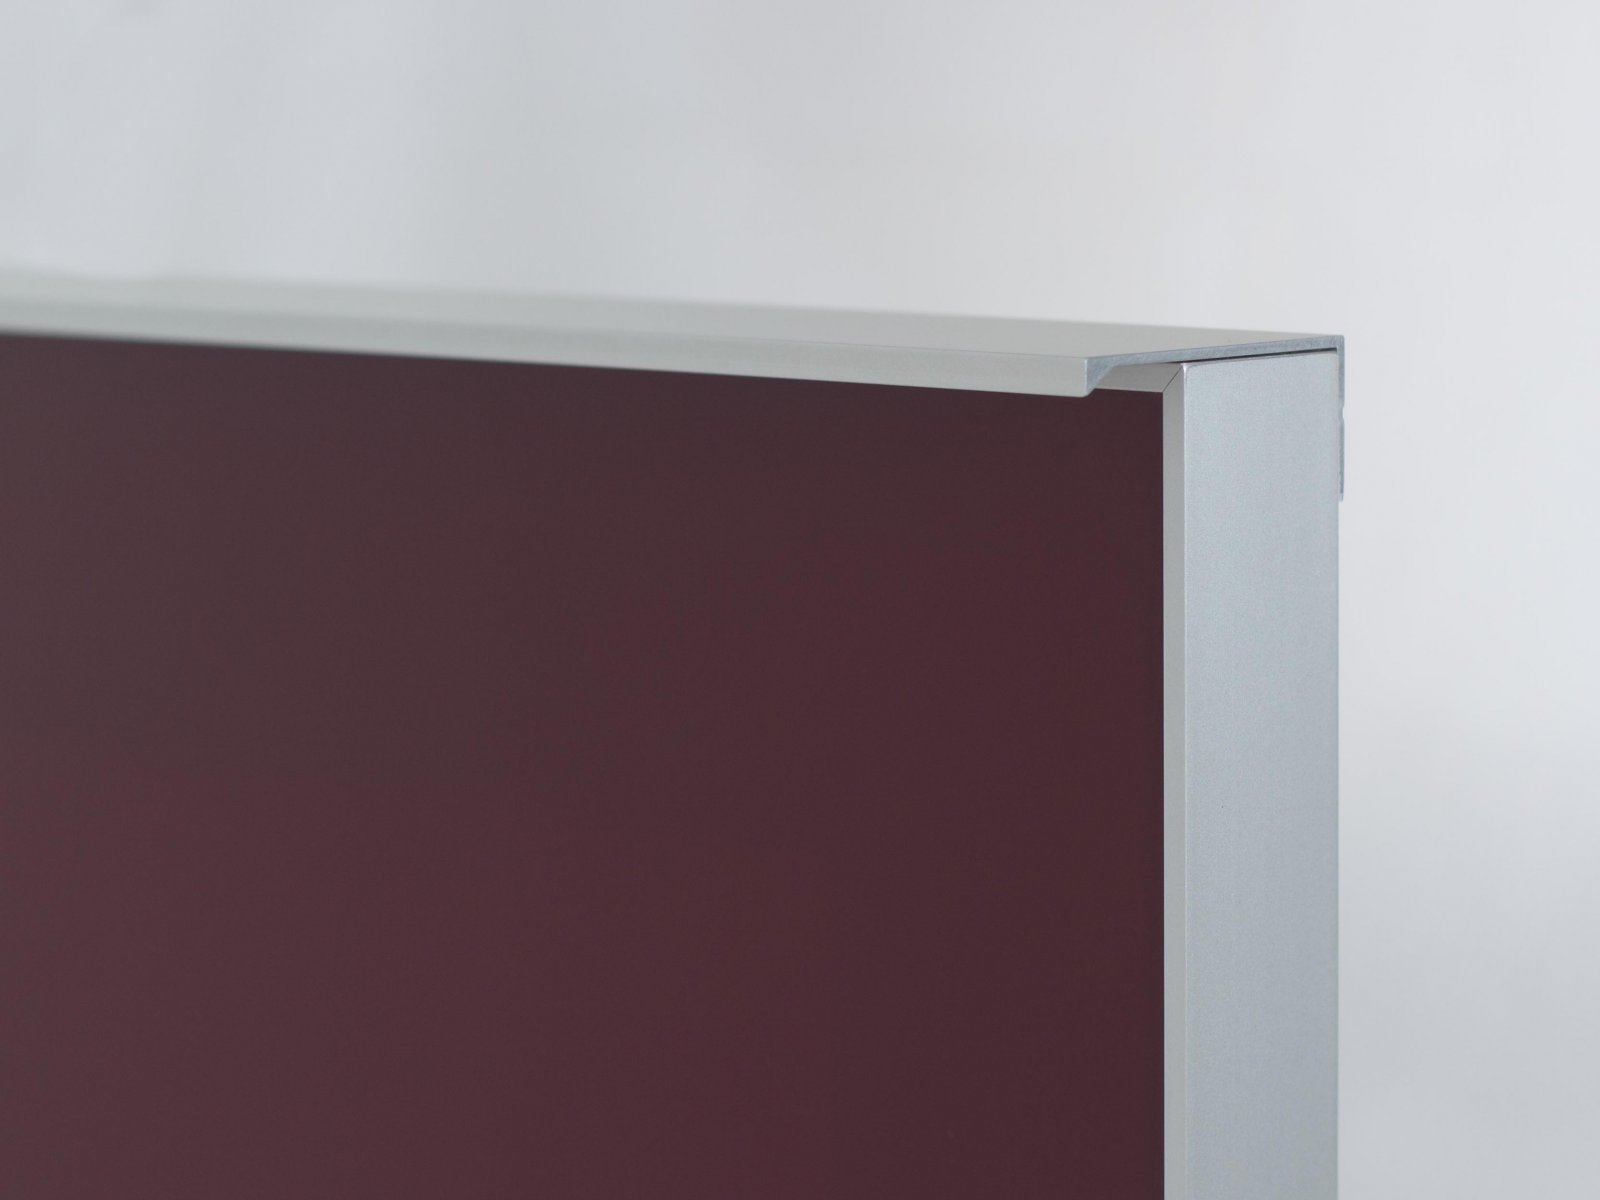 Porta-8 (Perfil V06 mate + puxador L02 mate + vidro lacado bordeaux)